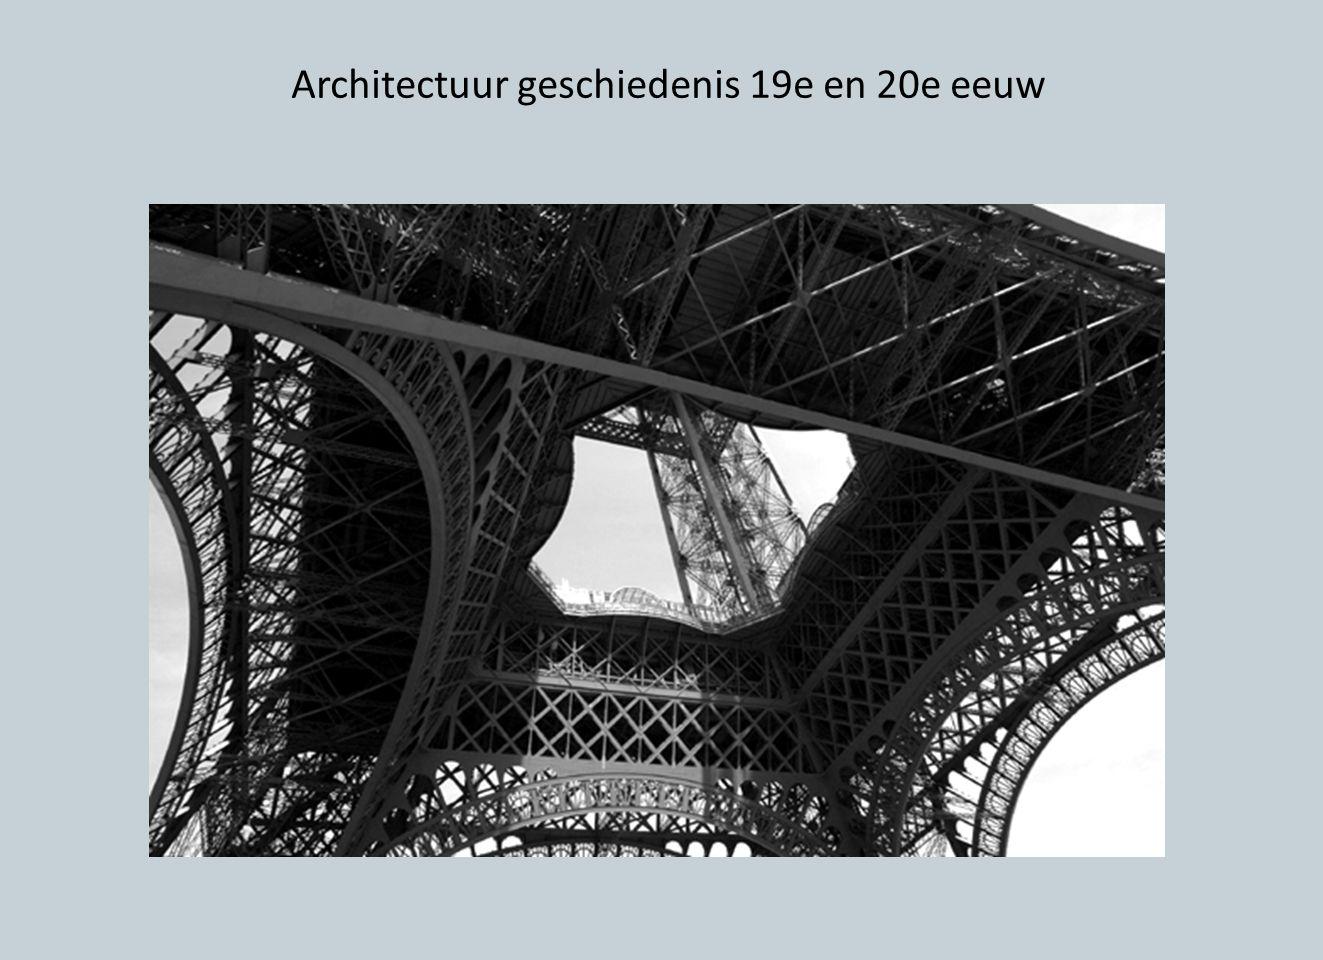 Architectuur geschiedenis 19e en 20e eeuw